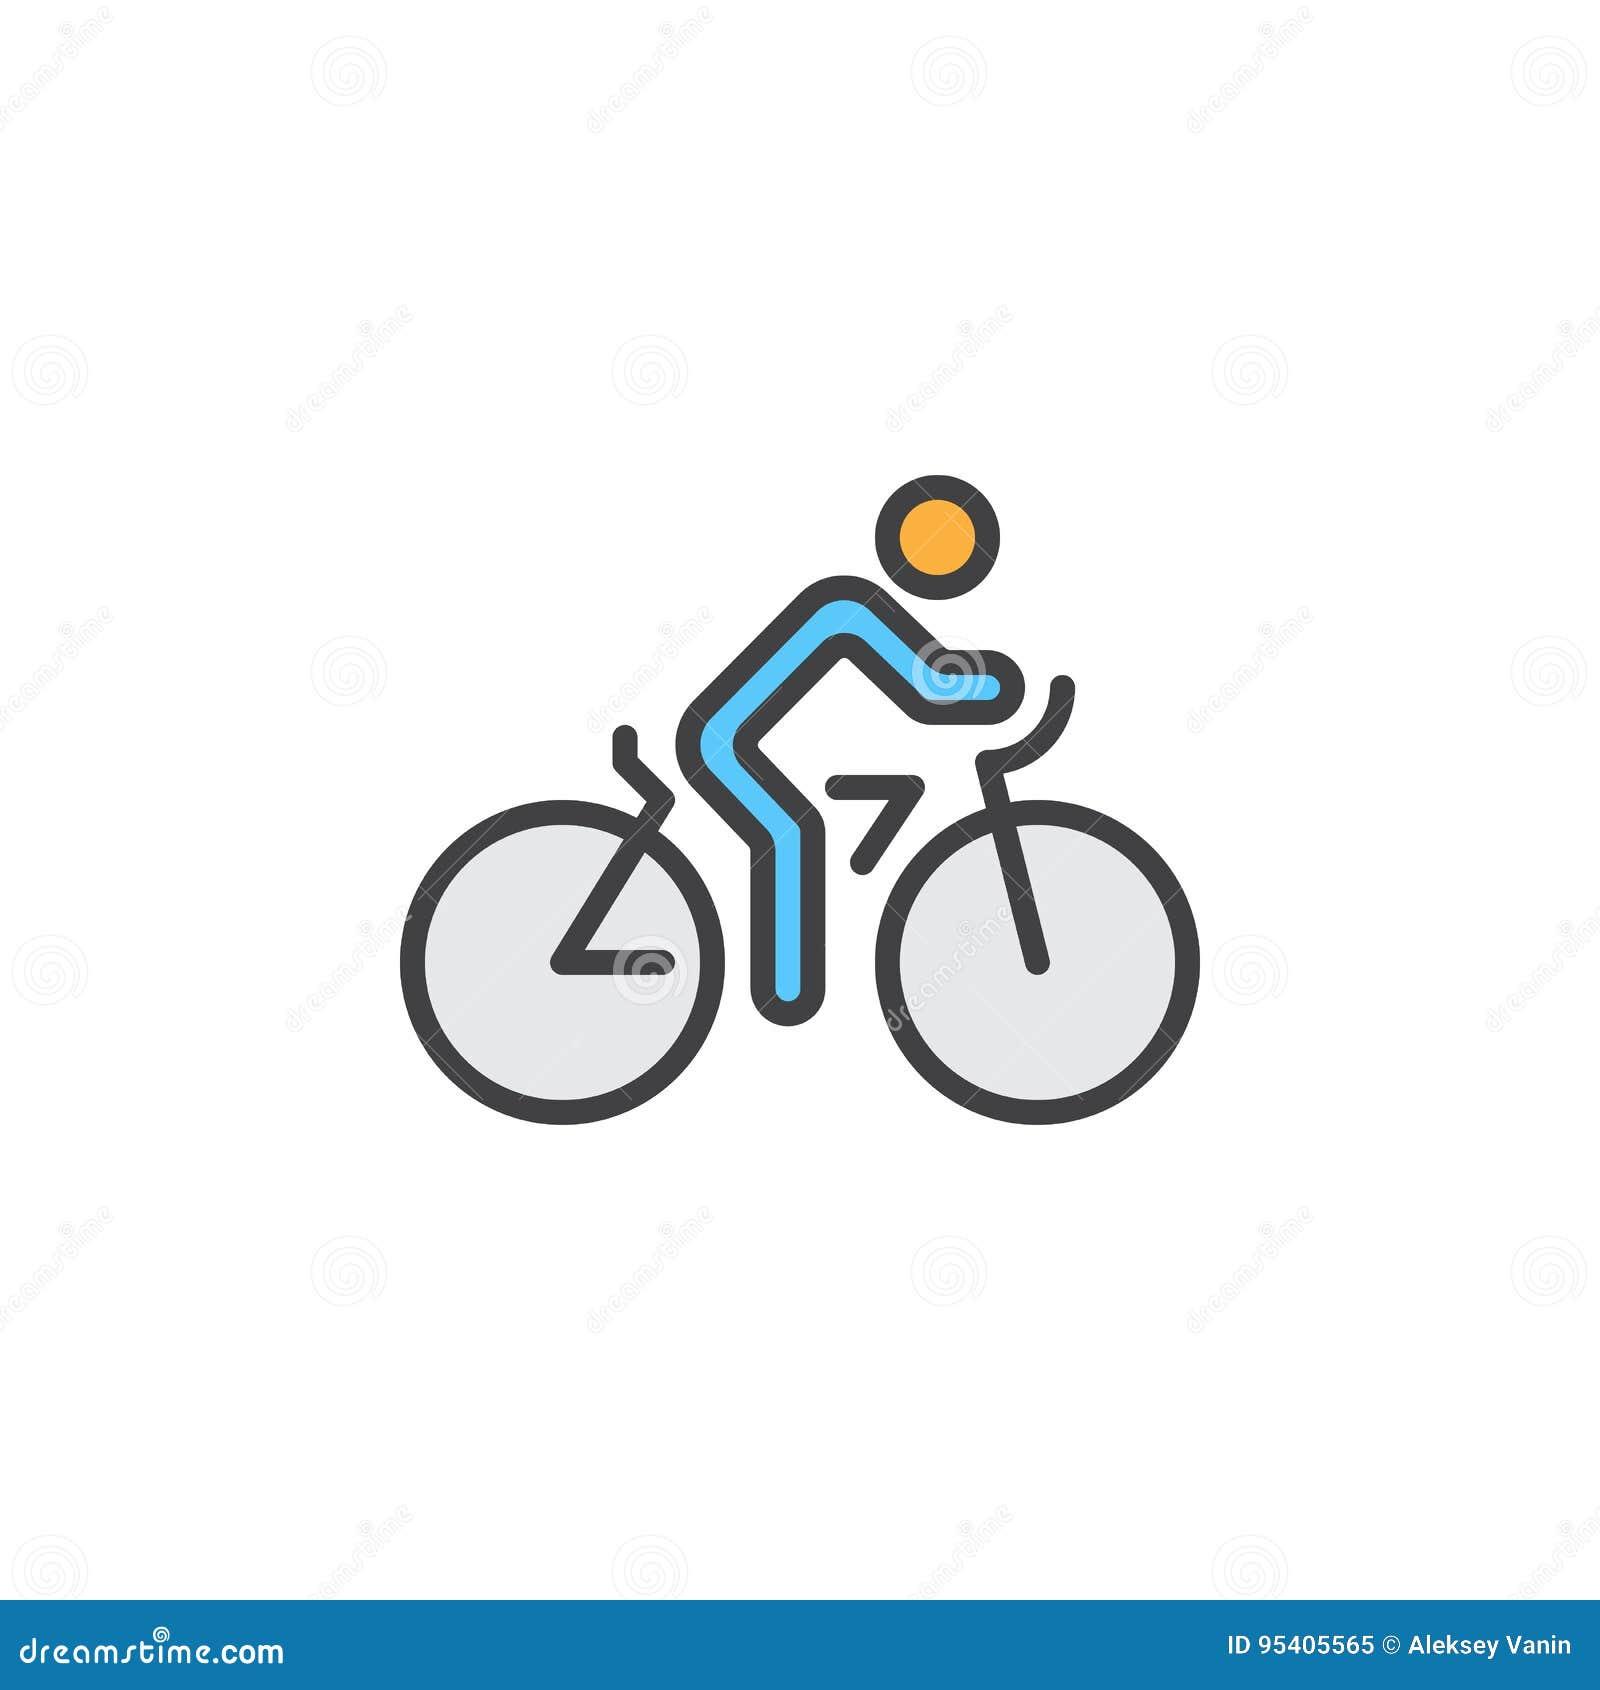 La línea de ciclo icono, bicicleta llenó la muestra del vector del esquema, pictograma colorido linear aislado en blanco